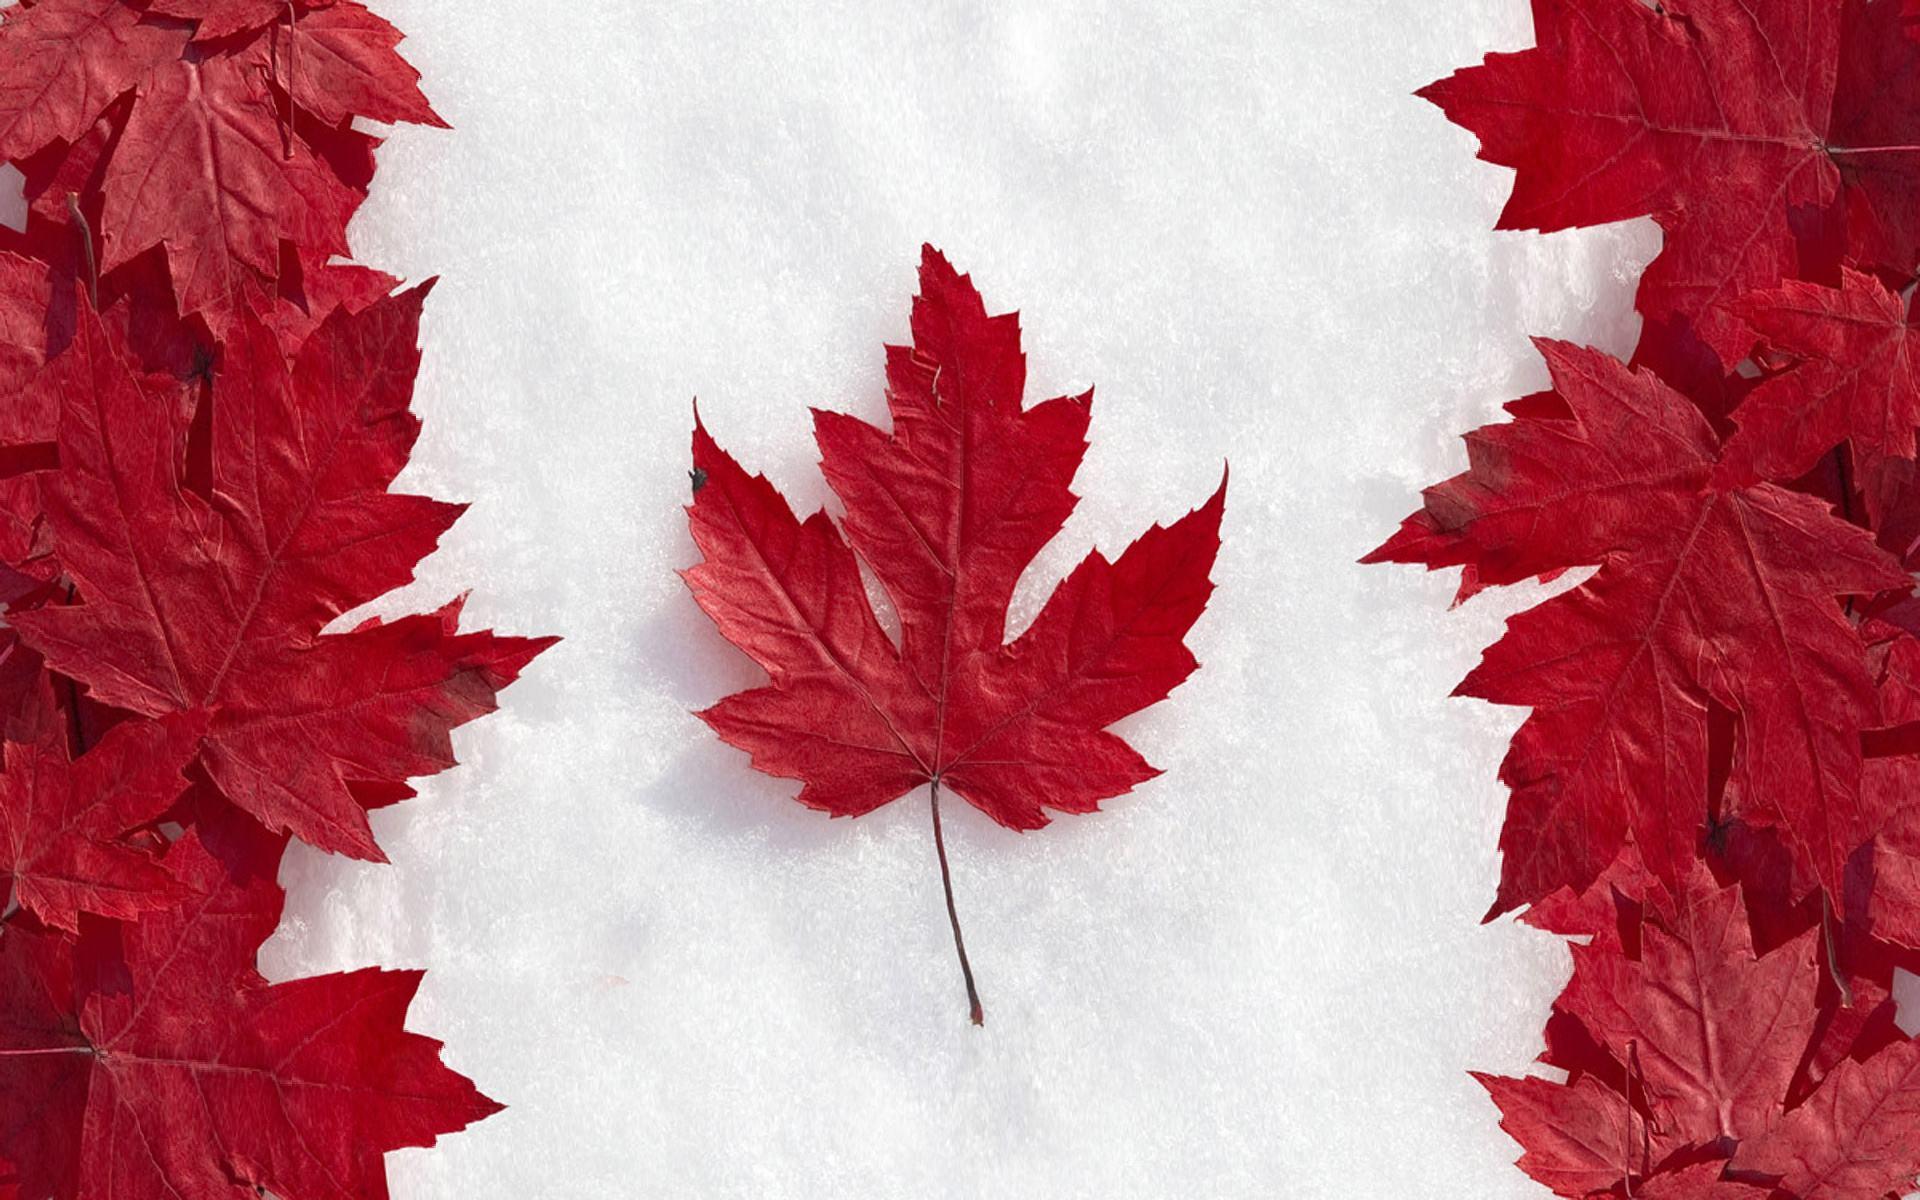 加拿大PEI省企业家移民最新甄选结果出炉,最低分152分!